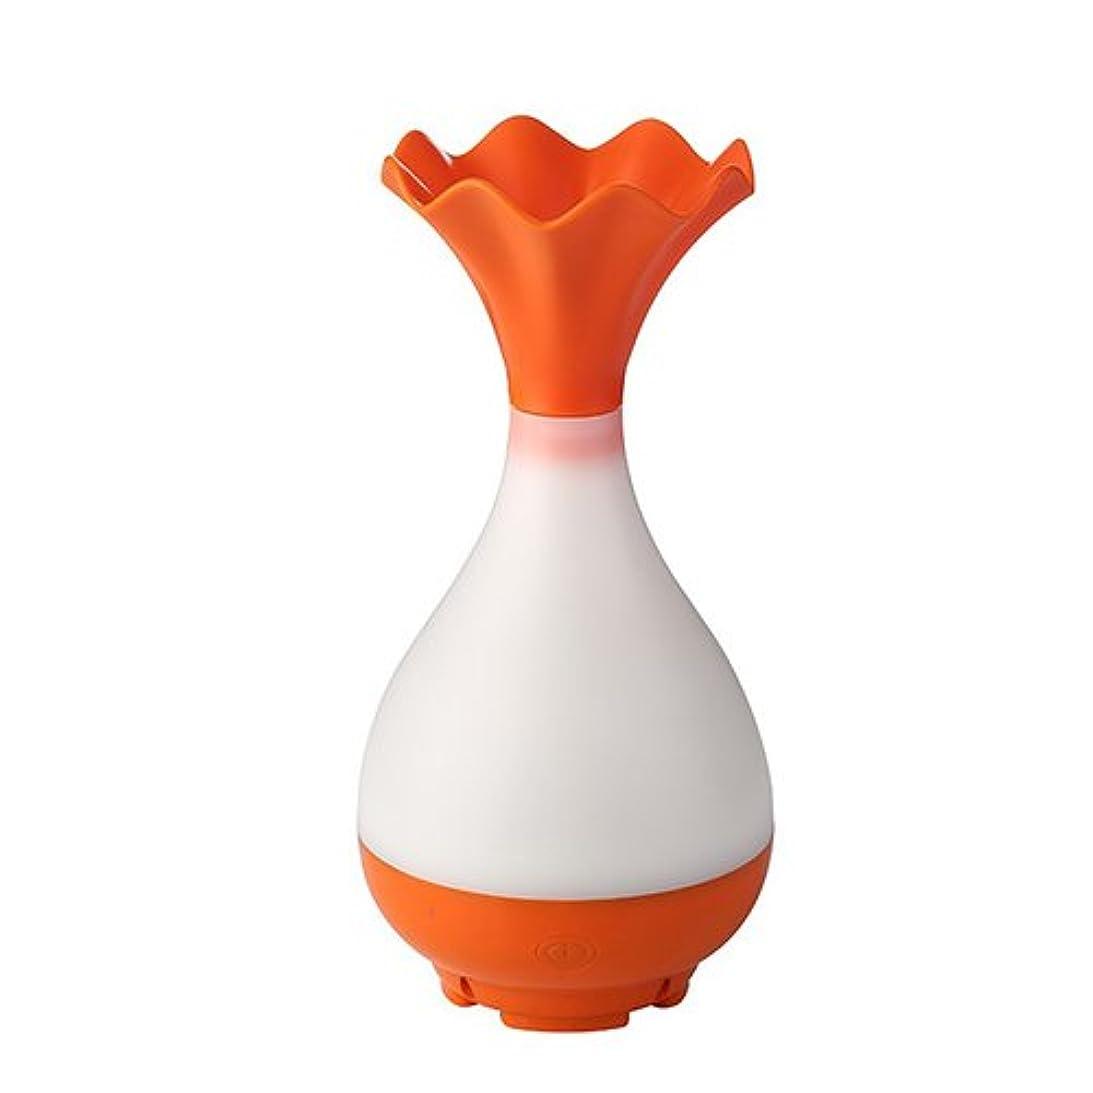 火曜日第二フェミニンMystic Moments   Orange Vase Bottle USB Aromatherapy Oil Humidifier Diffuser with LED Lighting